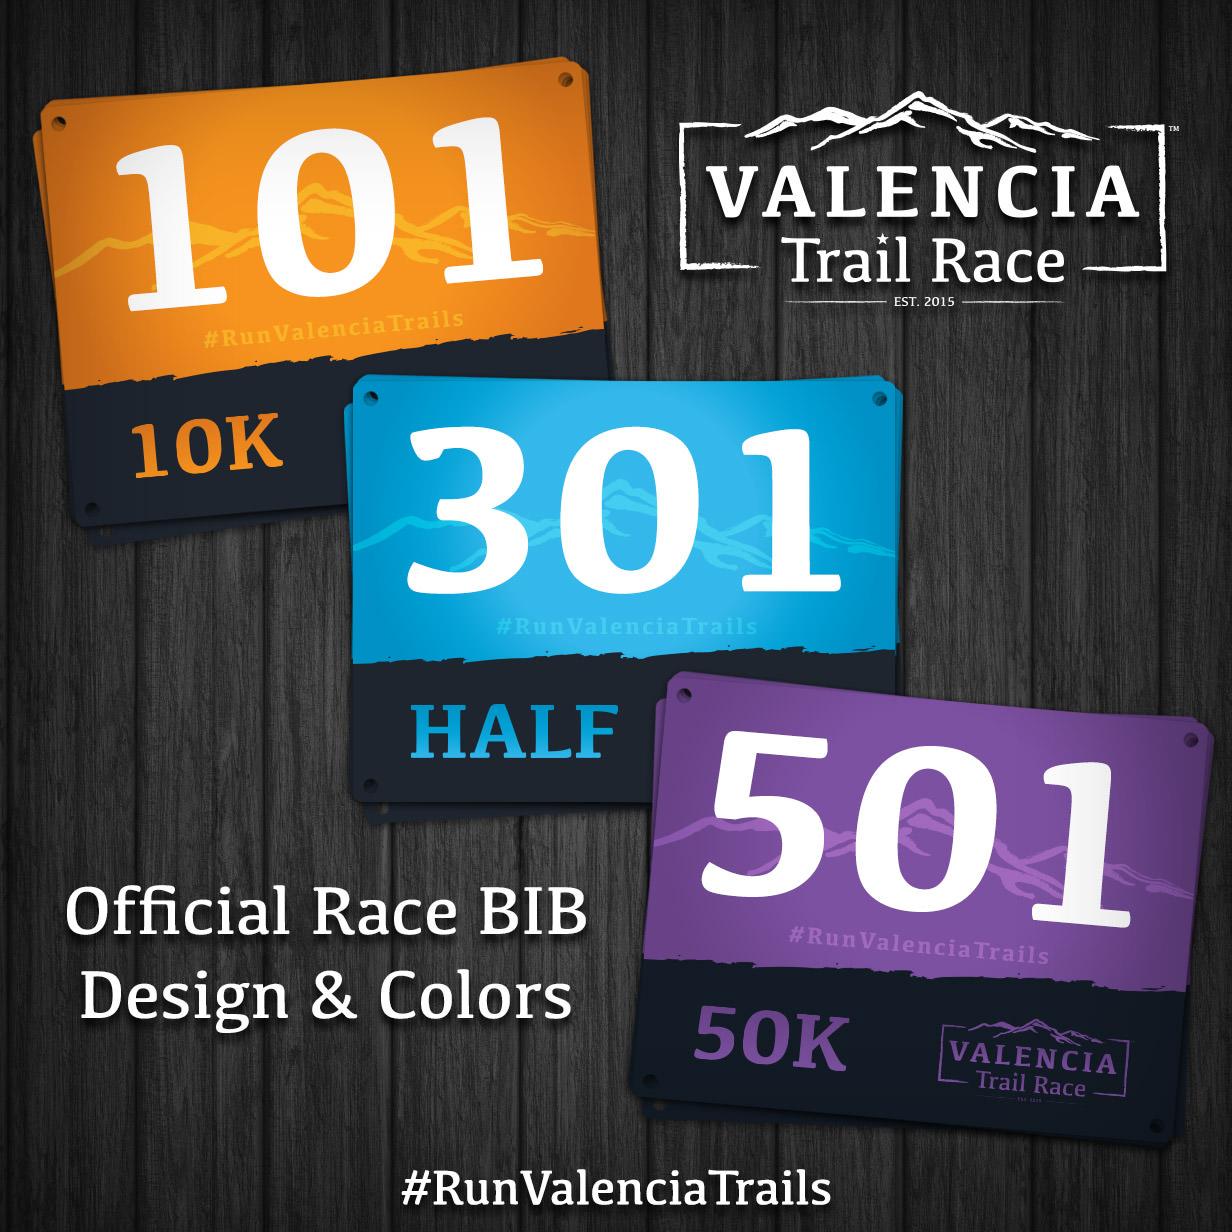 Official Race BIB Design & Colors